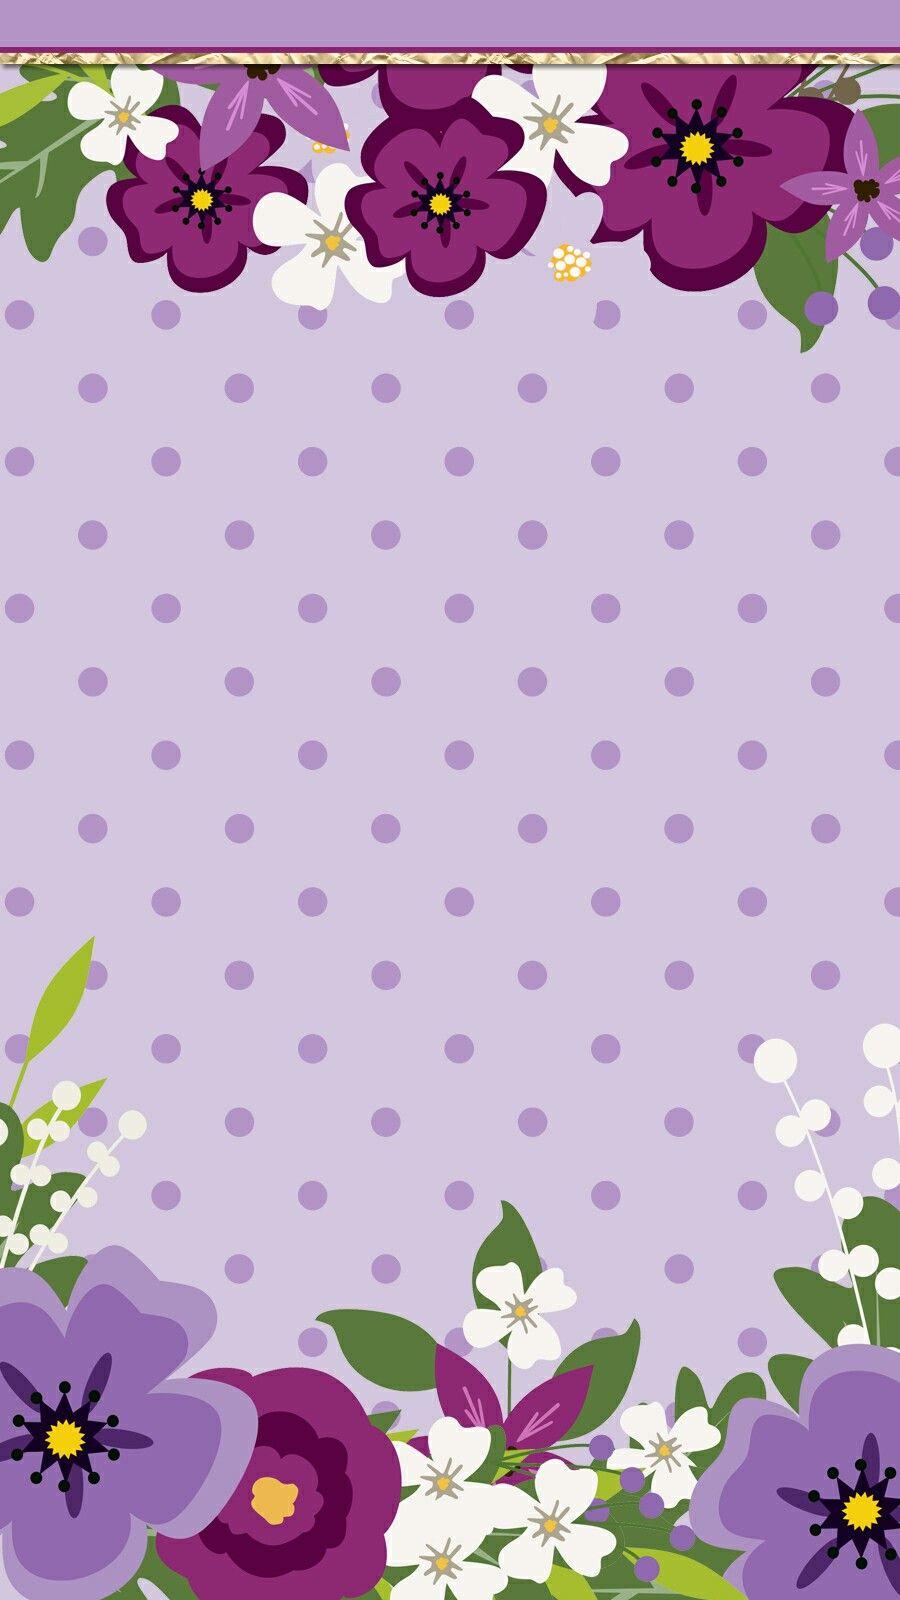 Fantastic Wallpaper Hello Kitty Floral - d62778ae185b8a52ac0a9a343b134b60  Picture_856276.jpg